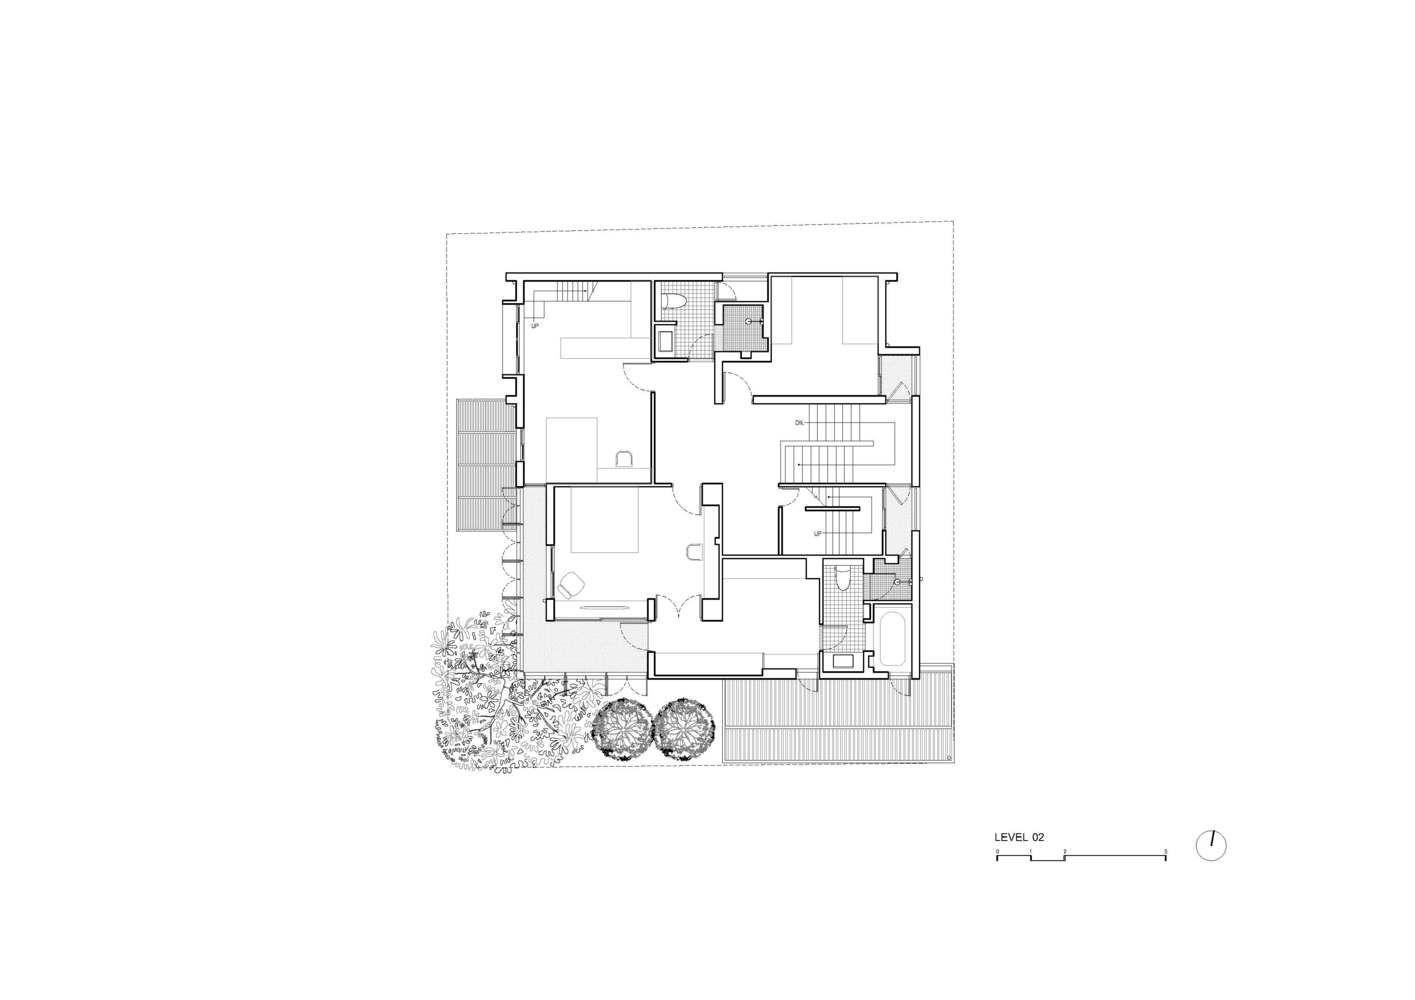 Gallery Of Baan Vibhavadi House Inchan Atelier 28 Atelier House Gallery